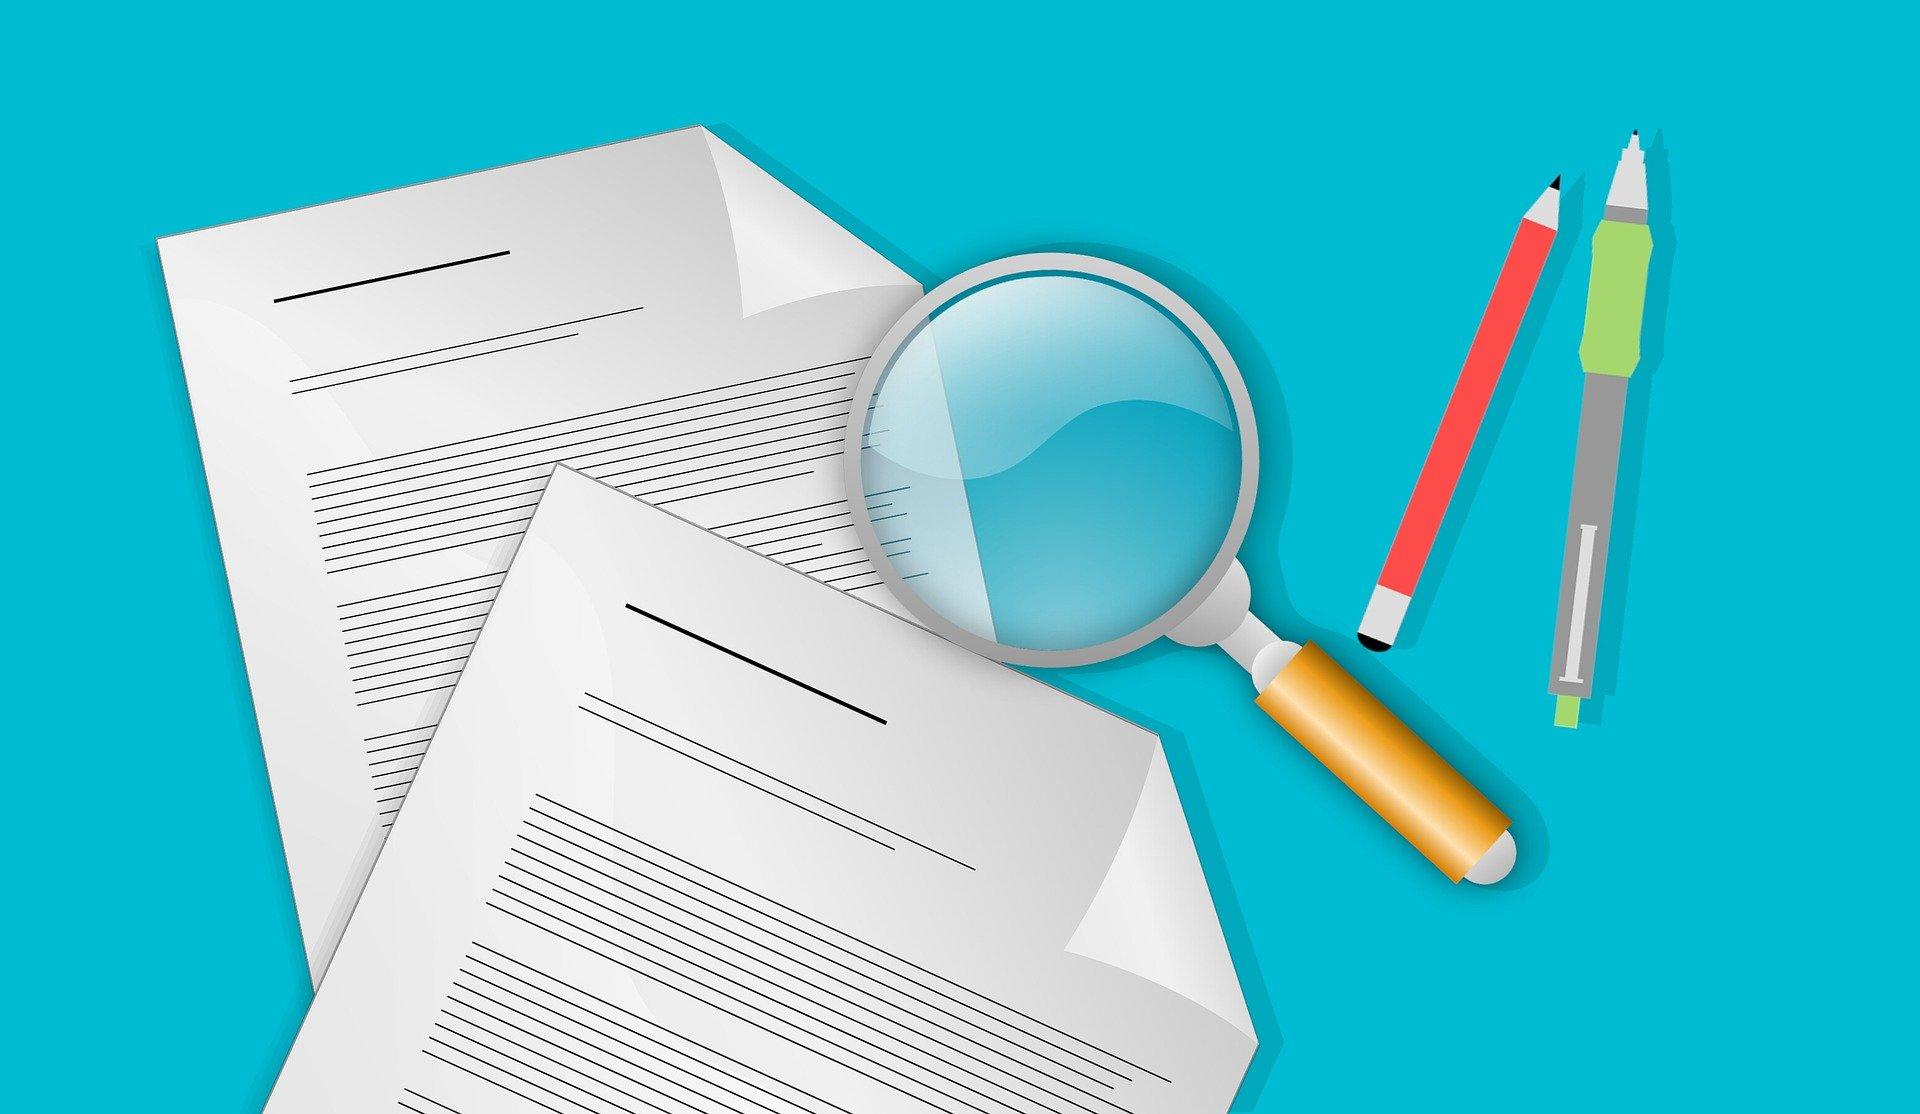 Opsporing Inspectie SZW en FIOD tegen misbruik steunmaatregelen